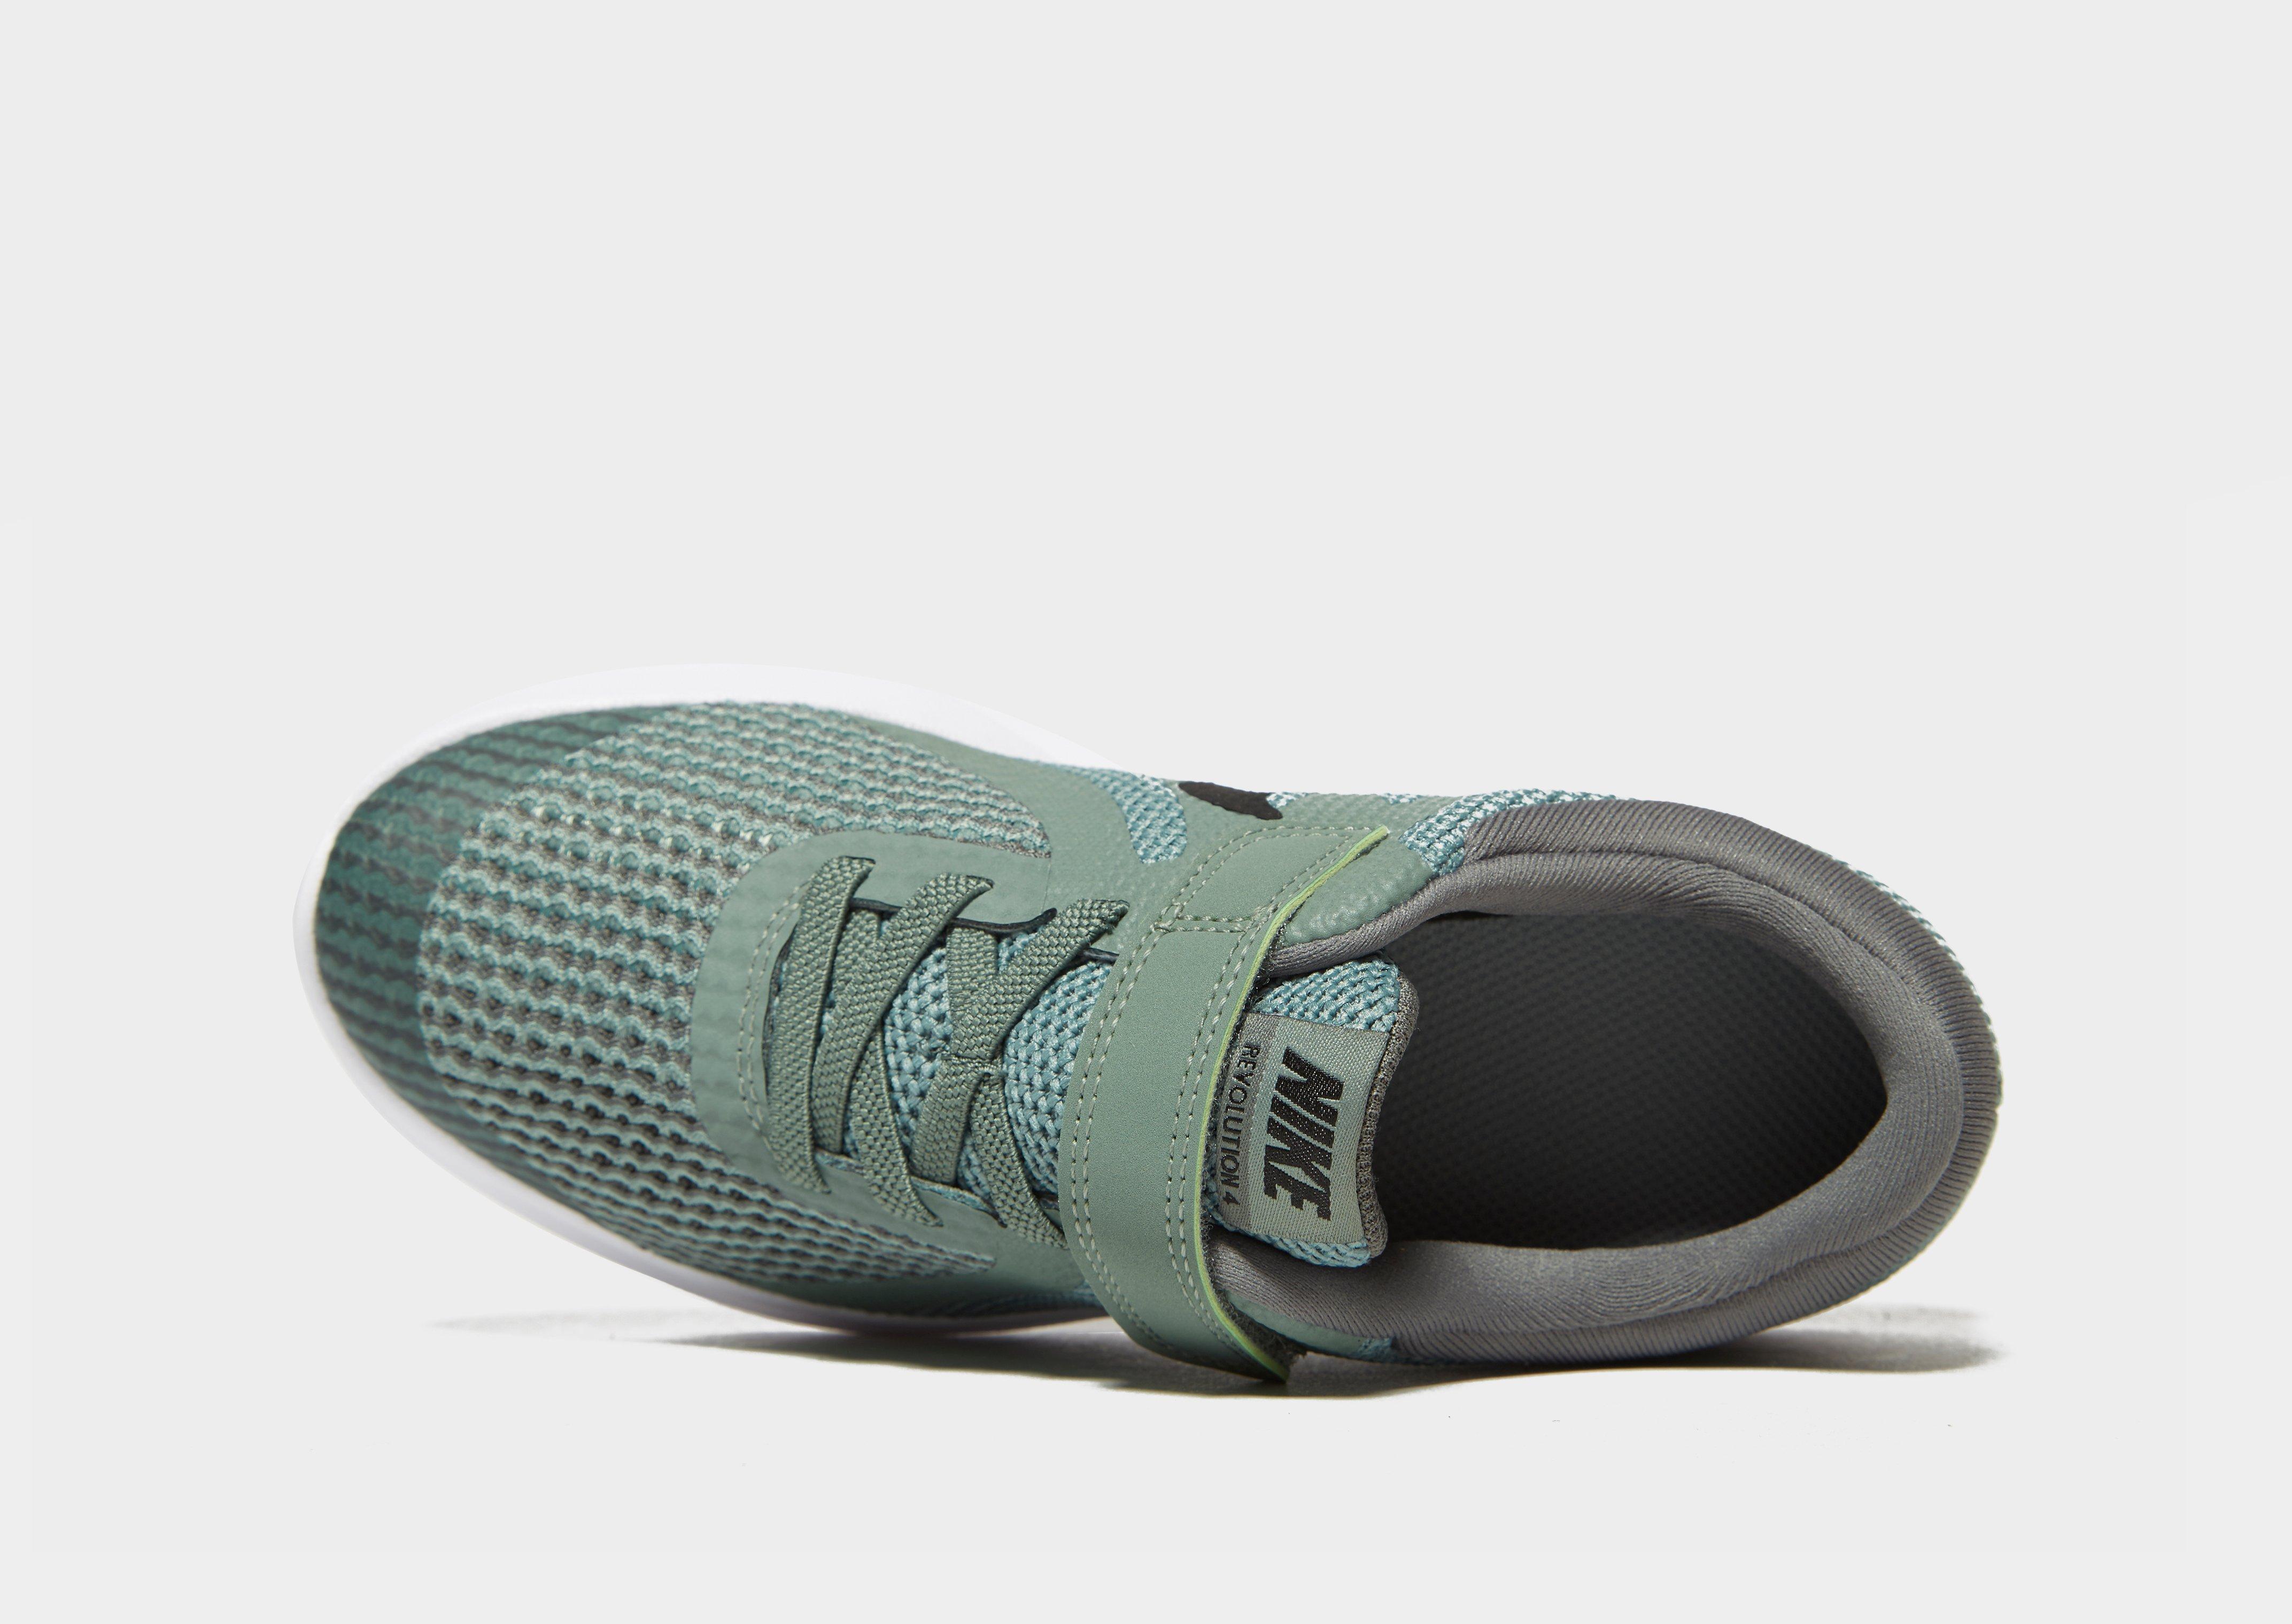 49ef842d9a957c Zu dieser Zeit waren sie robuster und gaben den nike kaishi 2 Füßen keinen  hohen Komfort. Im Laufe der Zeit sind diese Schuhe etwas weniger ein  soziales ...